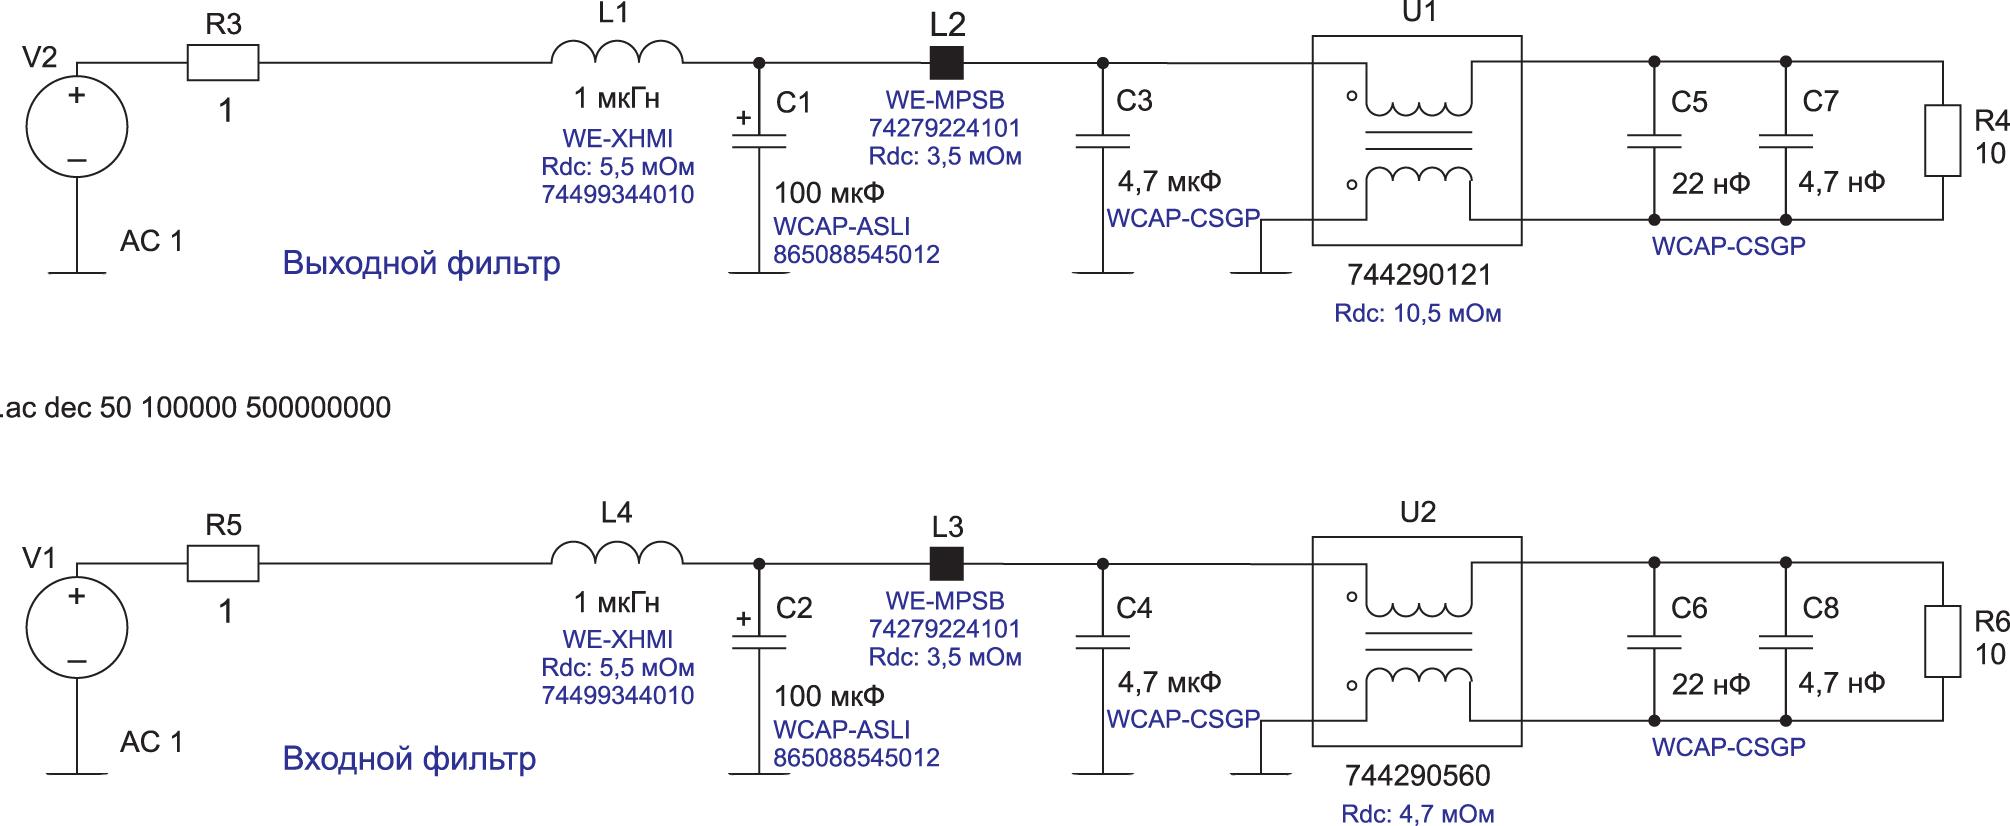 Моделирование в симуляторе LTSpice вносимого блока входных и выходных фильтров затухания для дифференциального режима